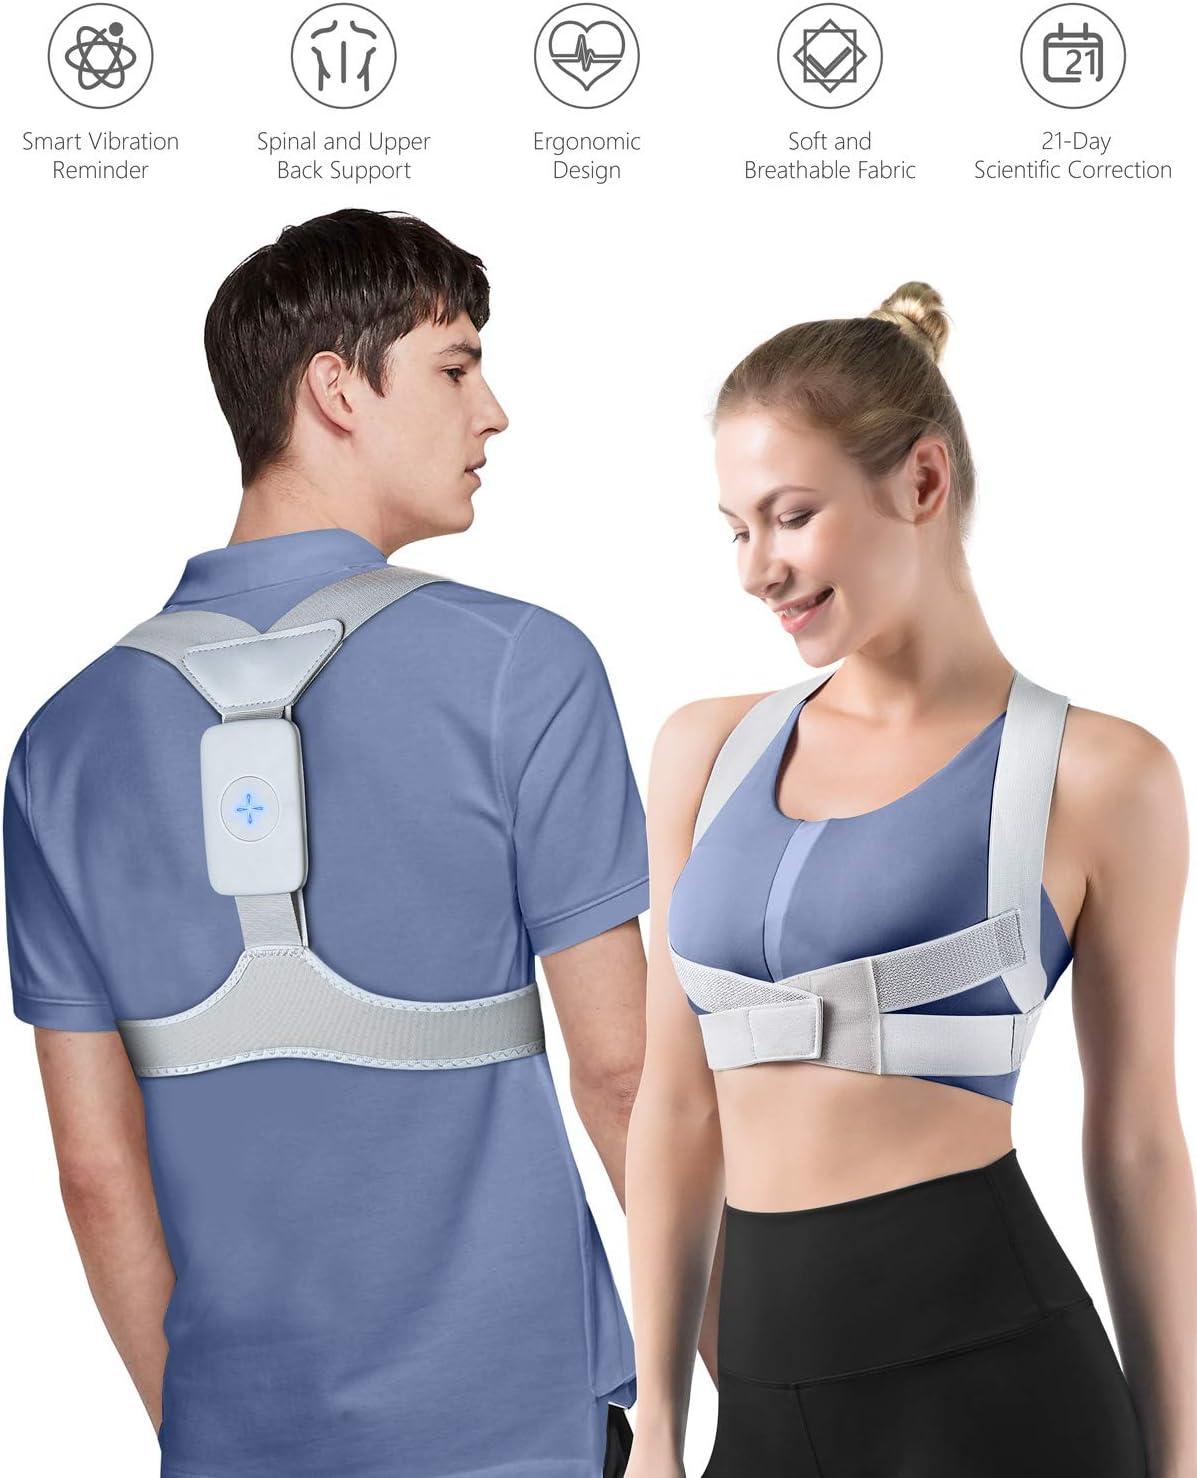 Homtiky Corrector de Postura Inteligente con Vibración para Hombre y Mujer, Corrector Postura Espalda Inteligente para Aliviar el Dolor de Espalda, Hombro y Cuello, M